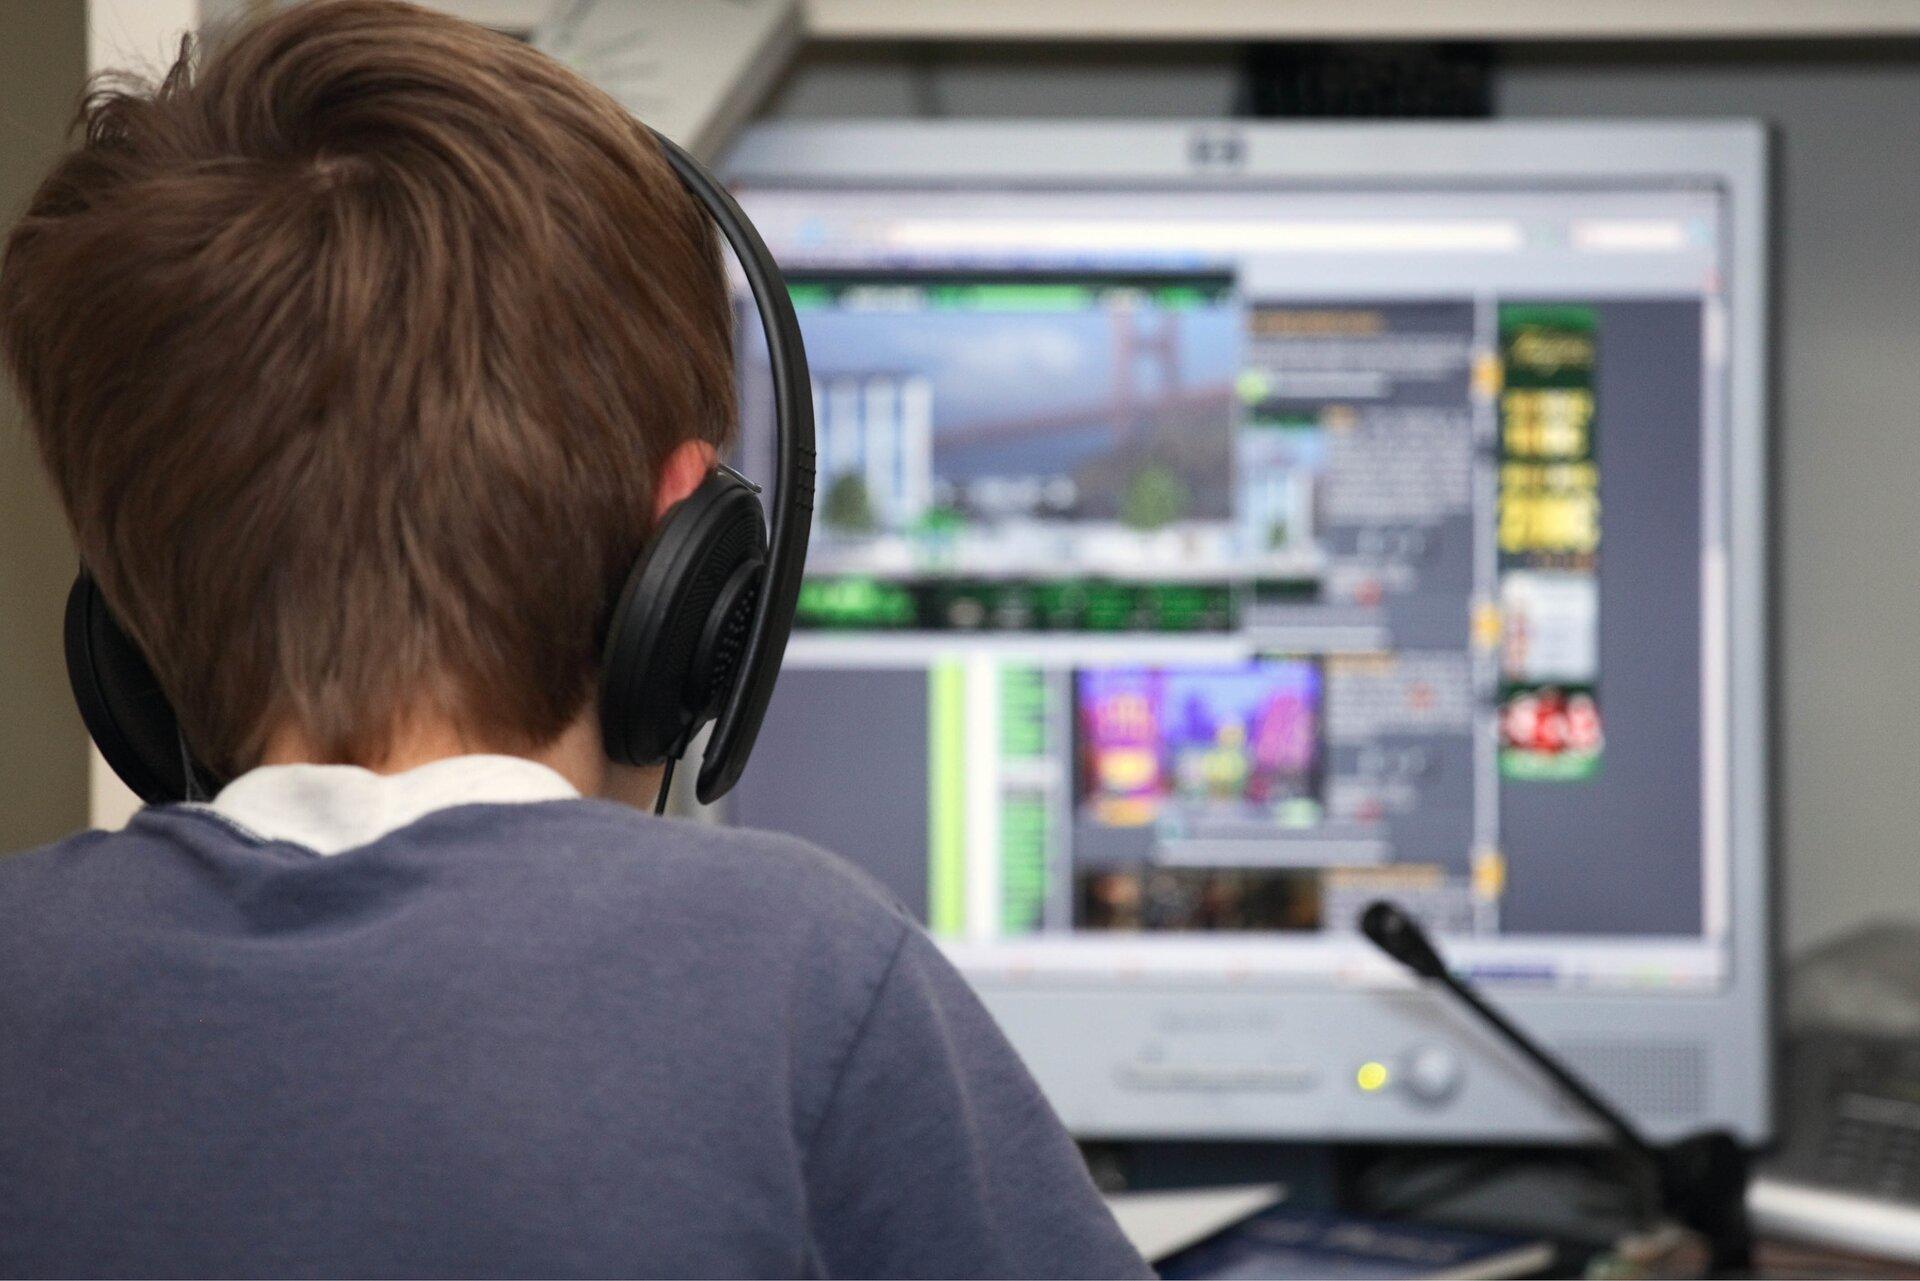 Ilustracja przedstawia uzależnienie od gier. Zdjęcie ukazuje tył młodego chłopca, siedzącego przed komputerem igrającego wgrę komputerową. Chłopiec ma na uszach założone duże słuchawki.